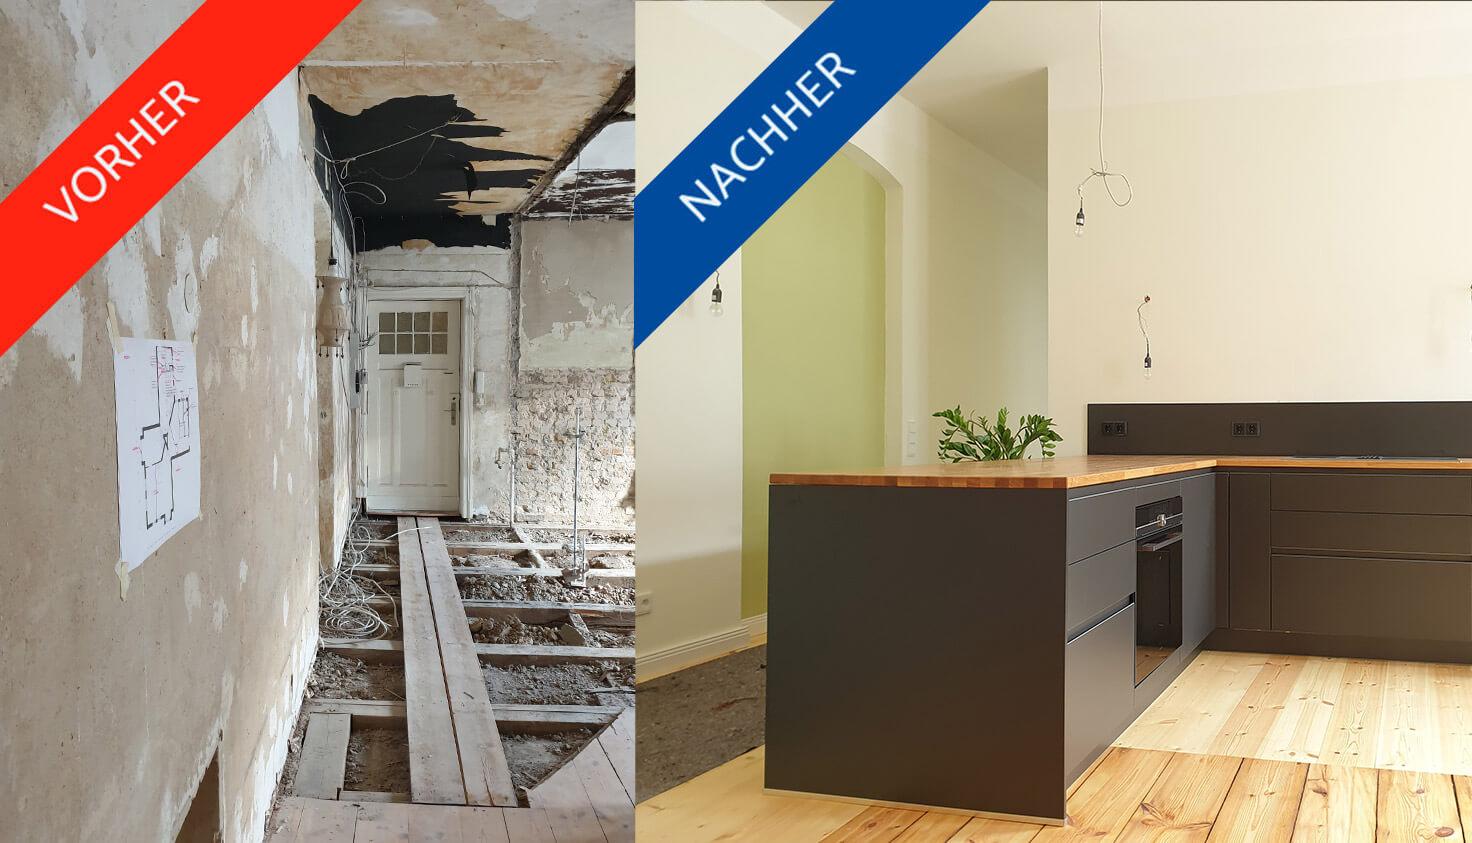 Küche vorher/nachher Bild ins steglitzer Altbauwohnung